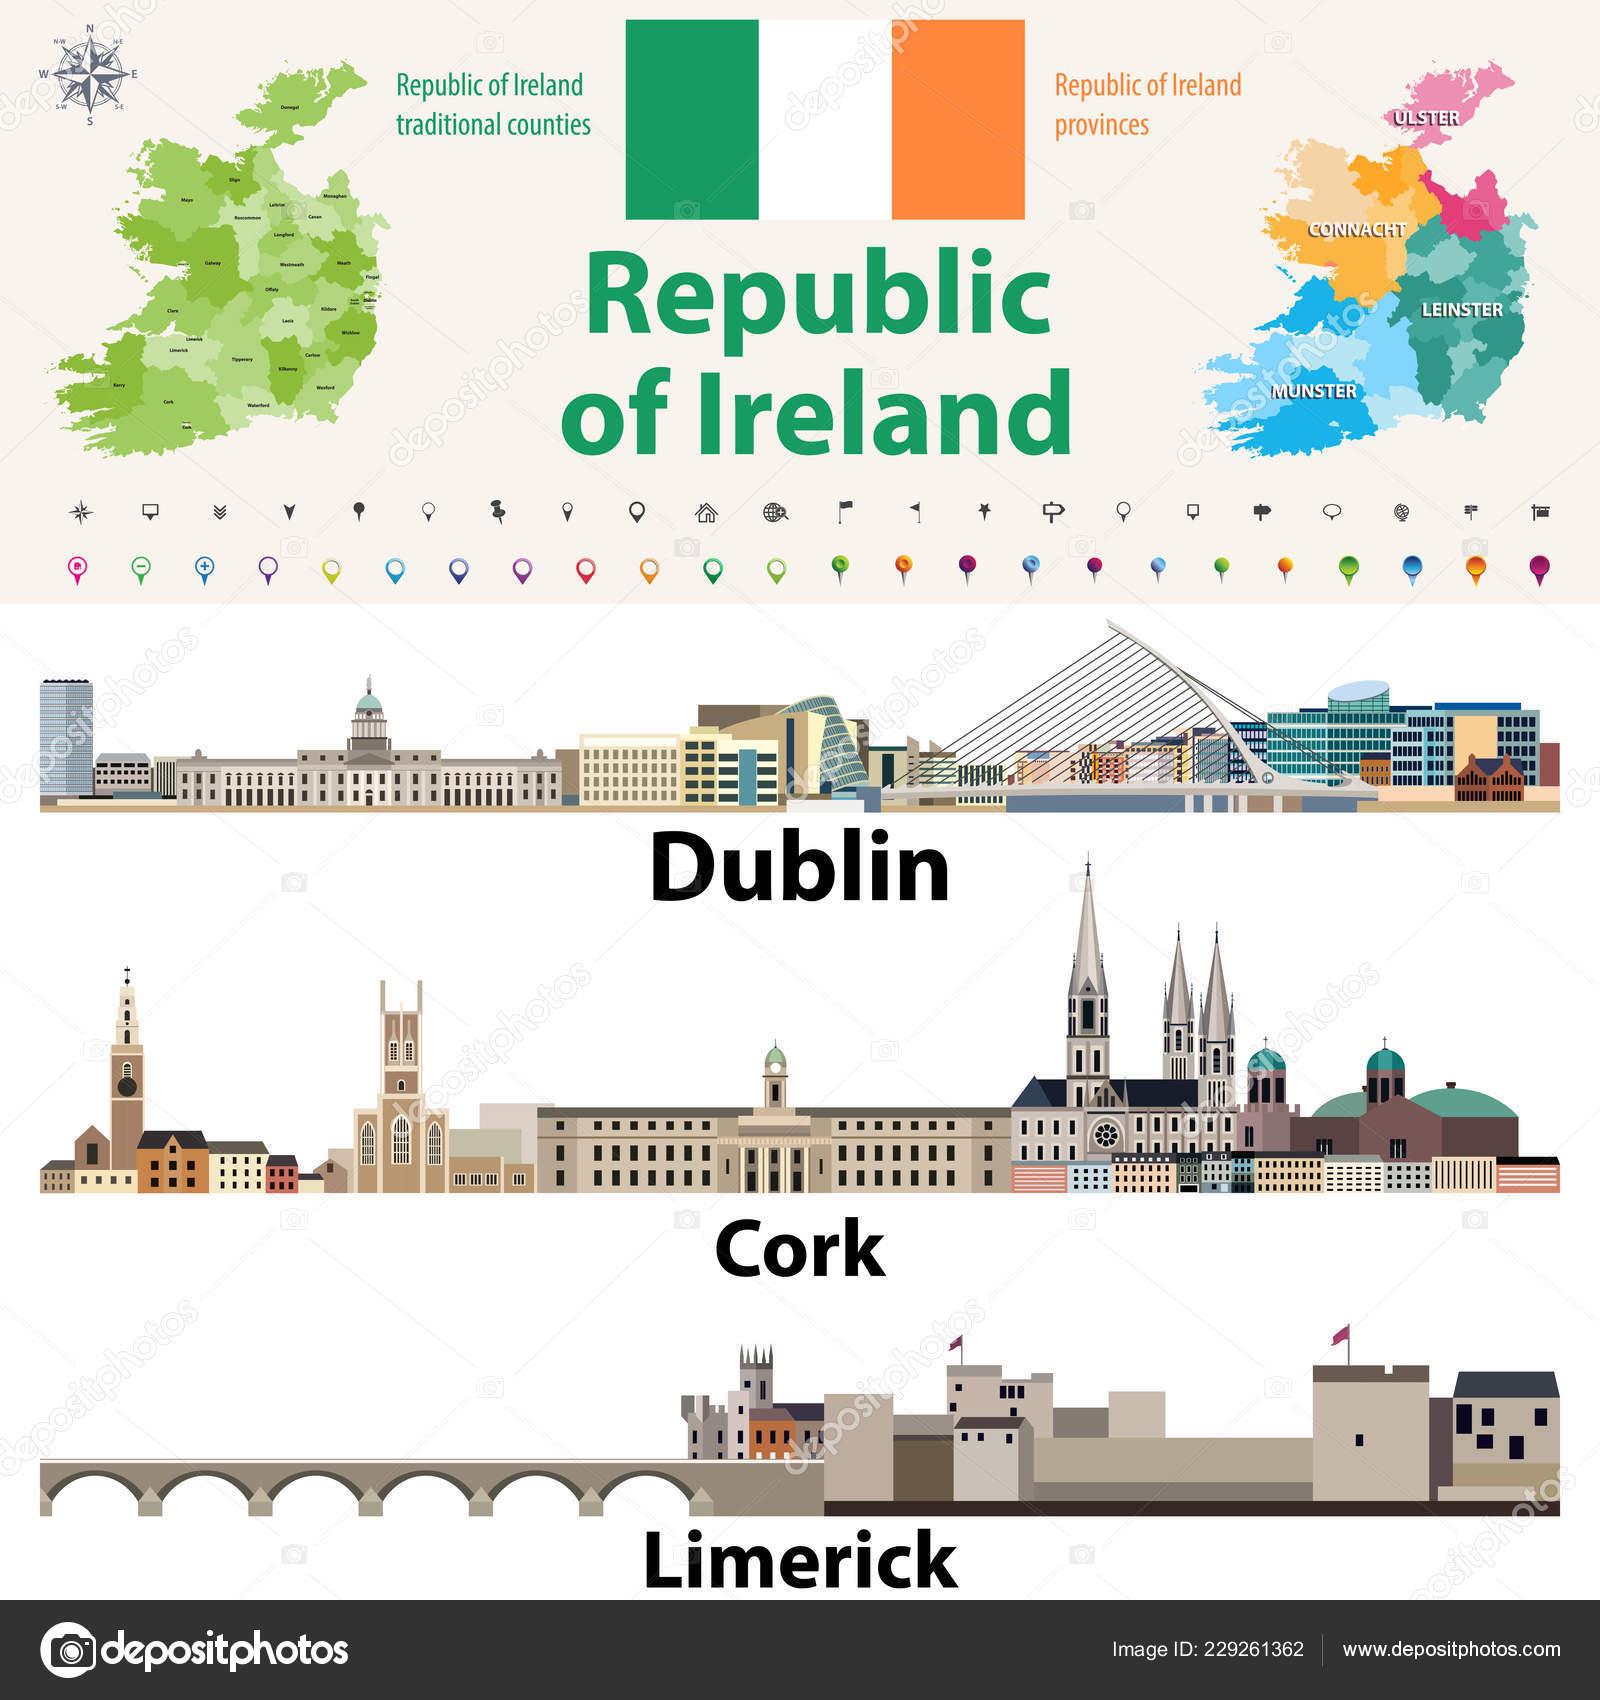 Irland Karte Städte.Traditionellen Länder Und Provinzen Karte Irland Und Irische Größte